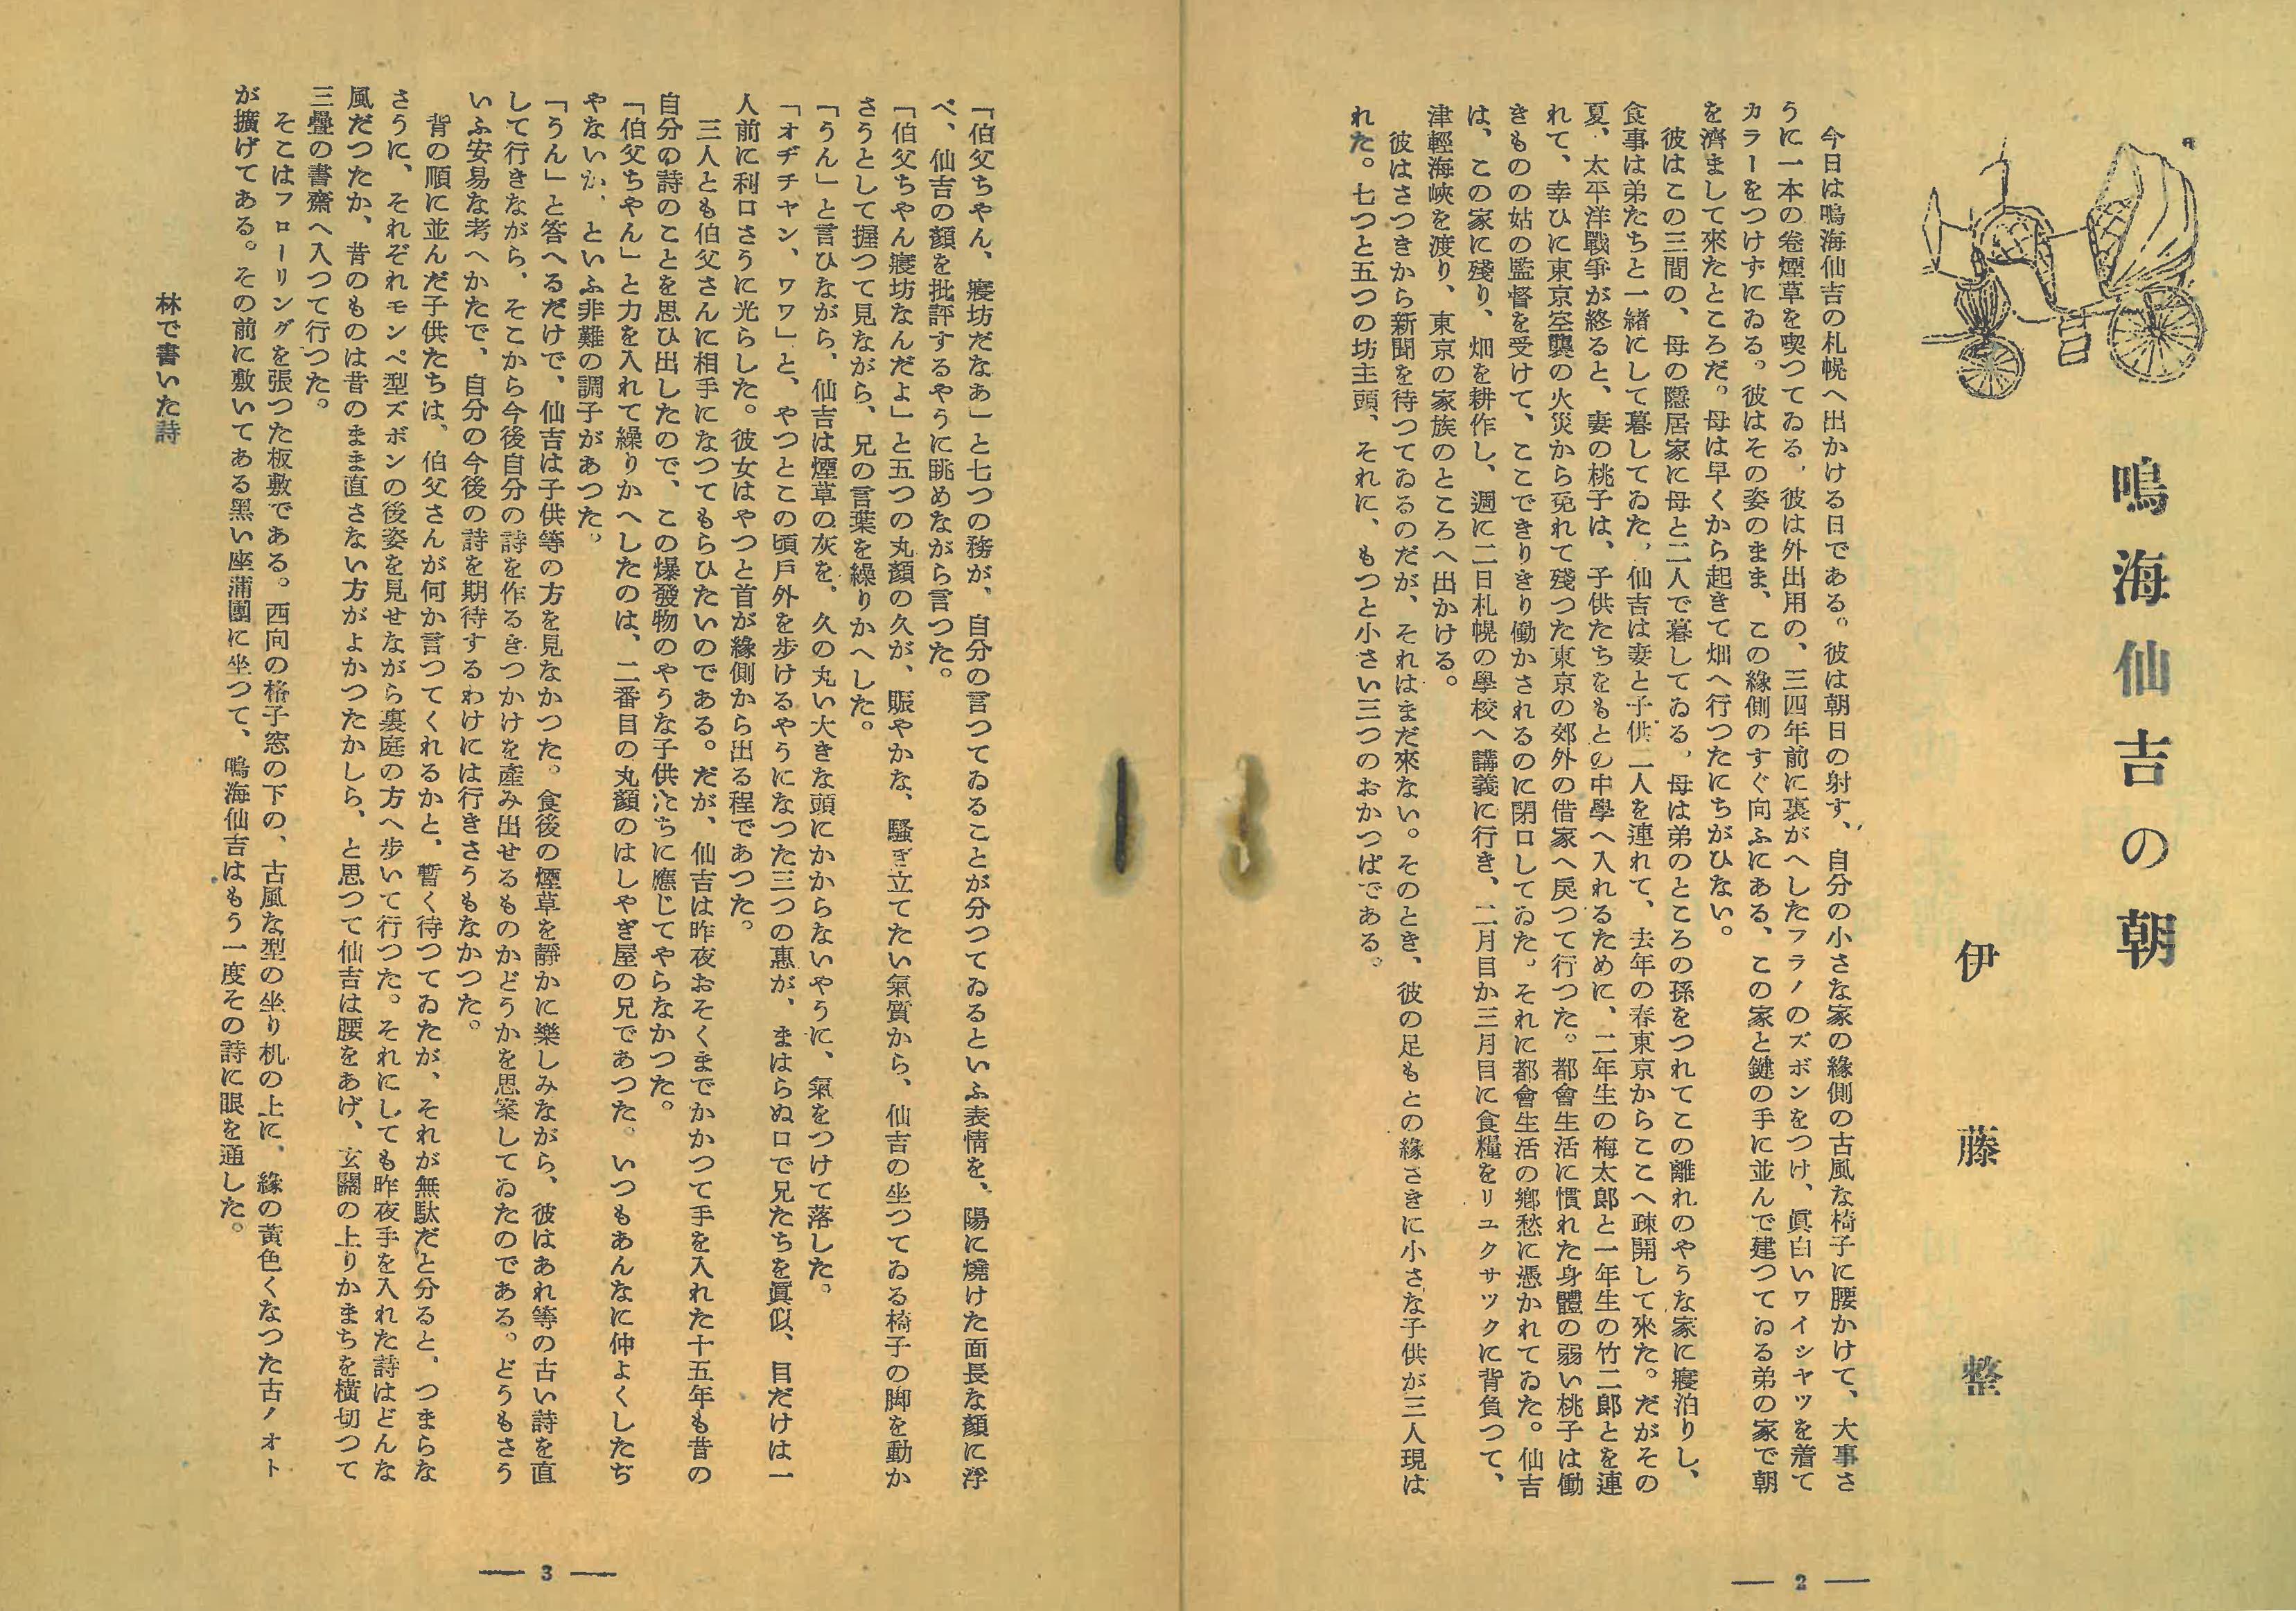 伊藤整「鳴海仙吉の朝」(『文明』1946・10).jpg